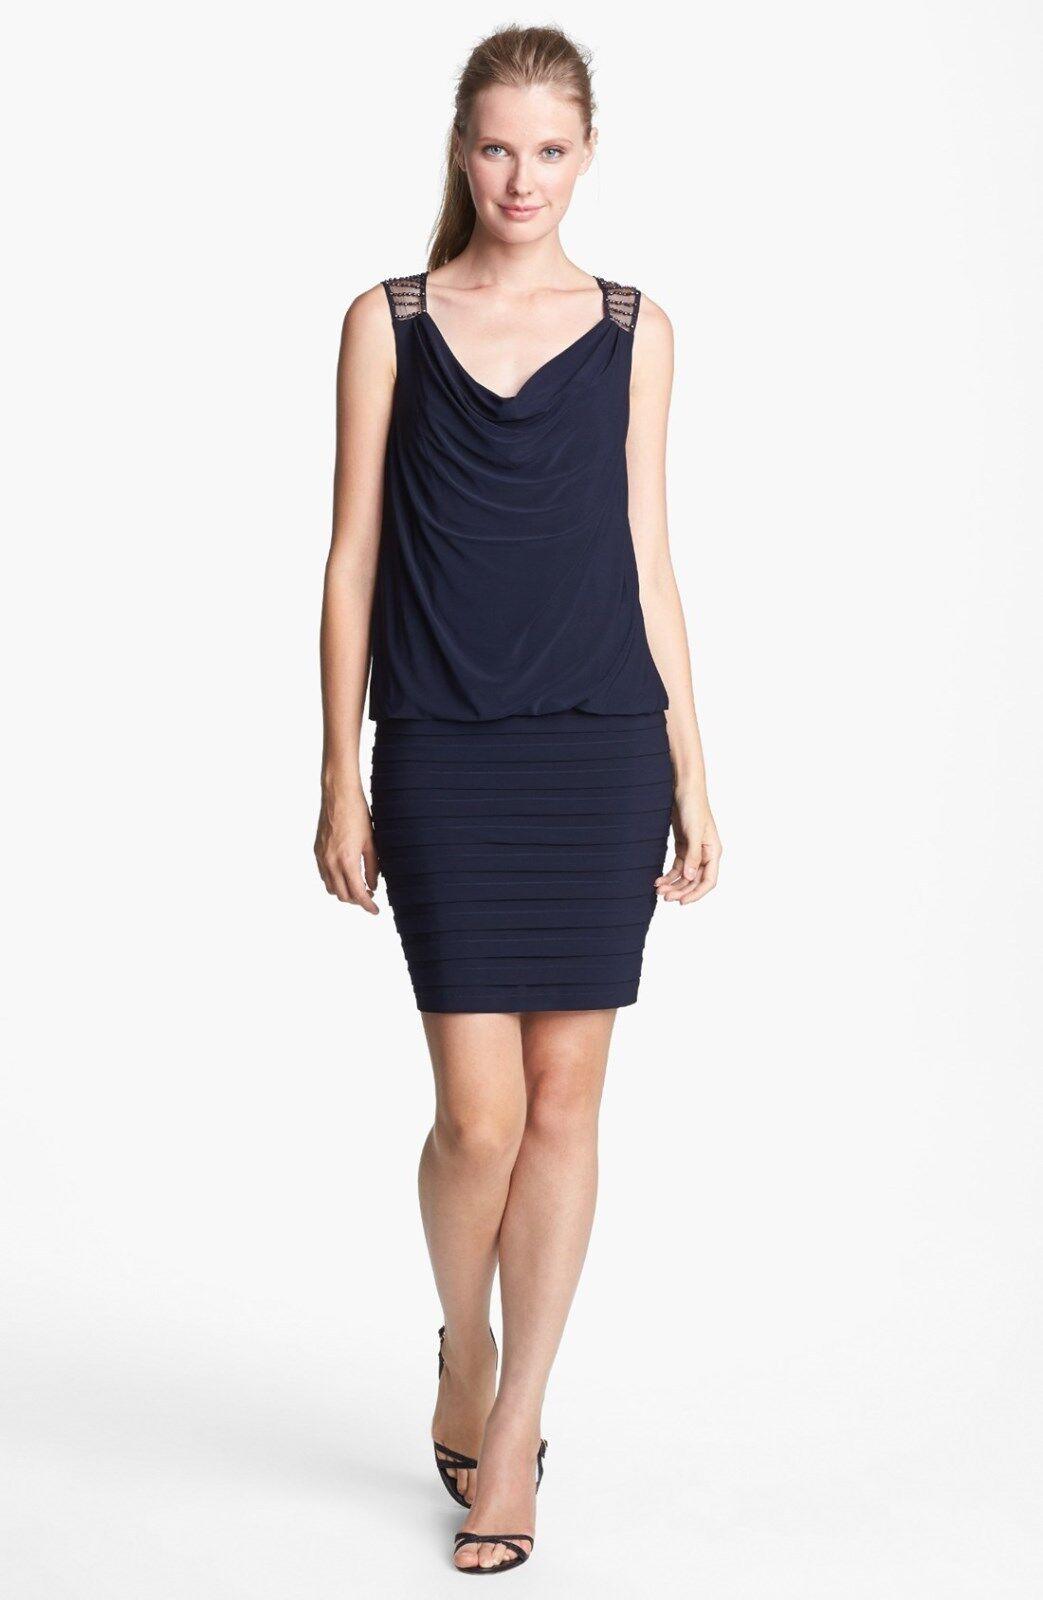 Neuf avec étiquettes xscpae Blau Perles Dos Jersey Blouson Robe Größe 6 Blau Marine